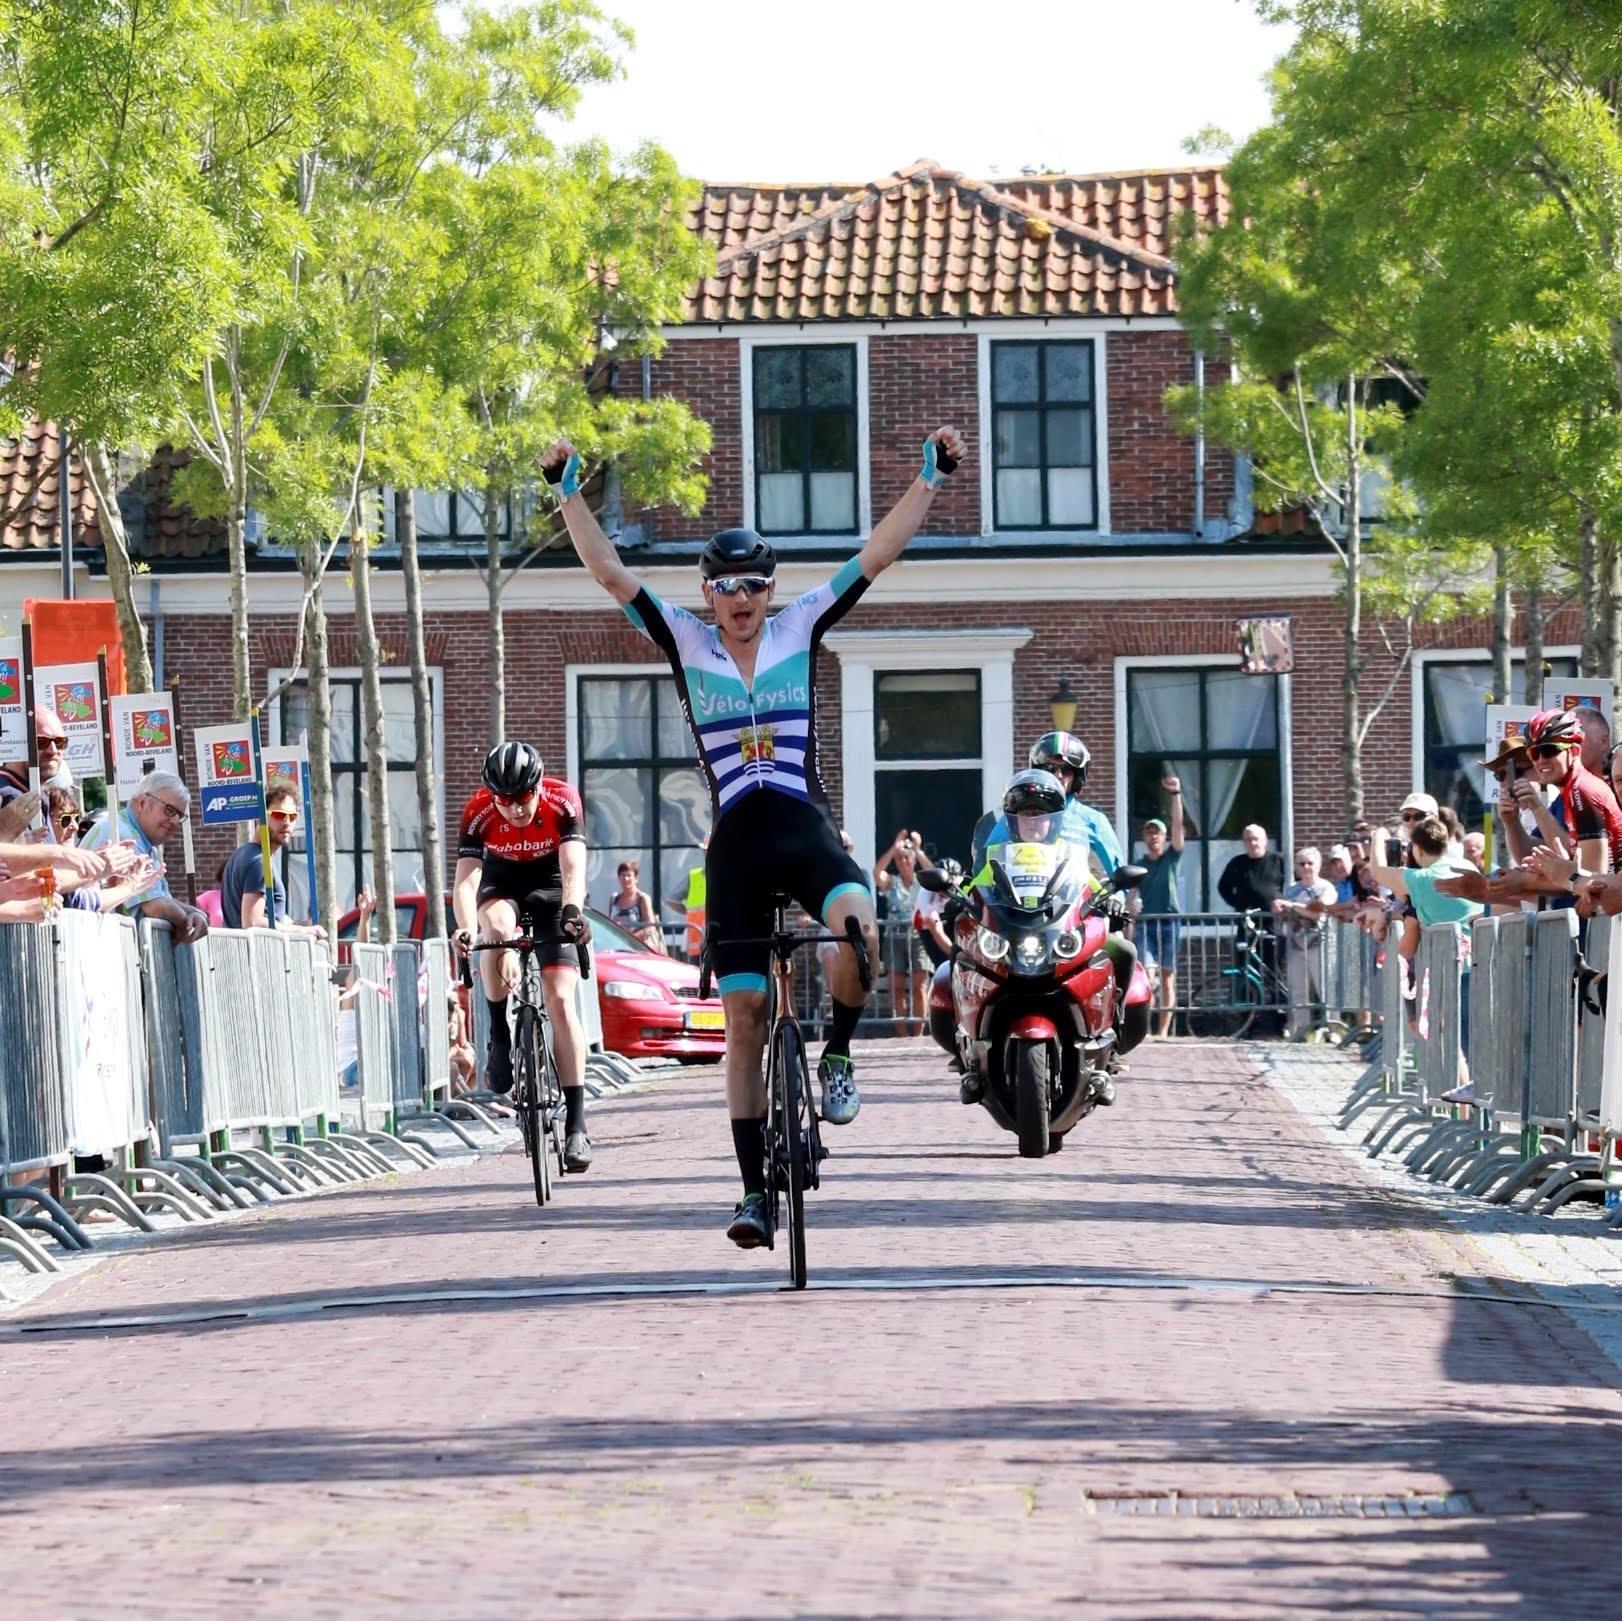 Jacob Wijnstra winnaar van de Ronde van Noord-Beveland